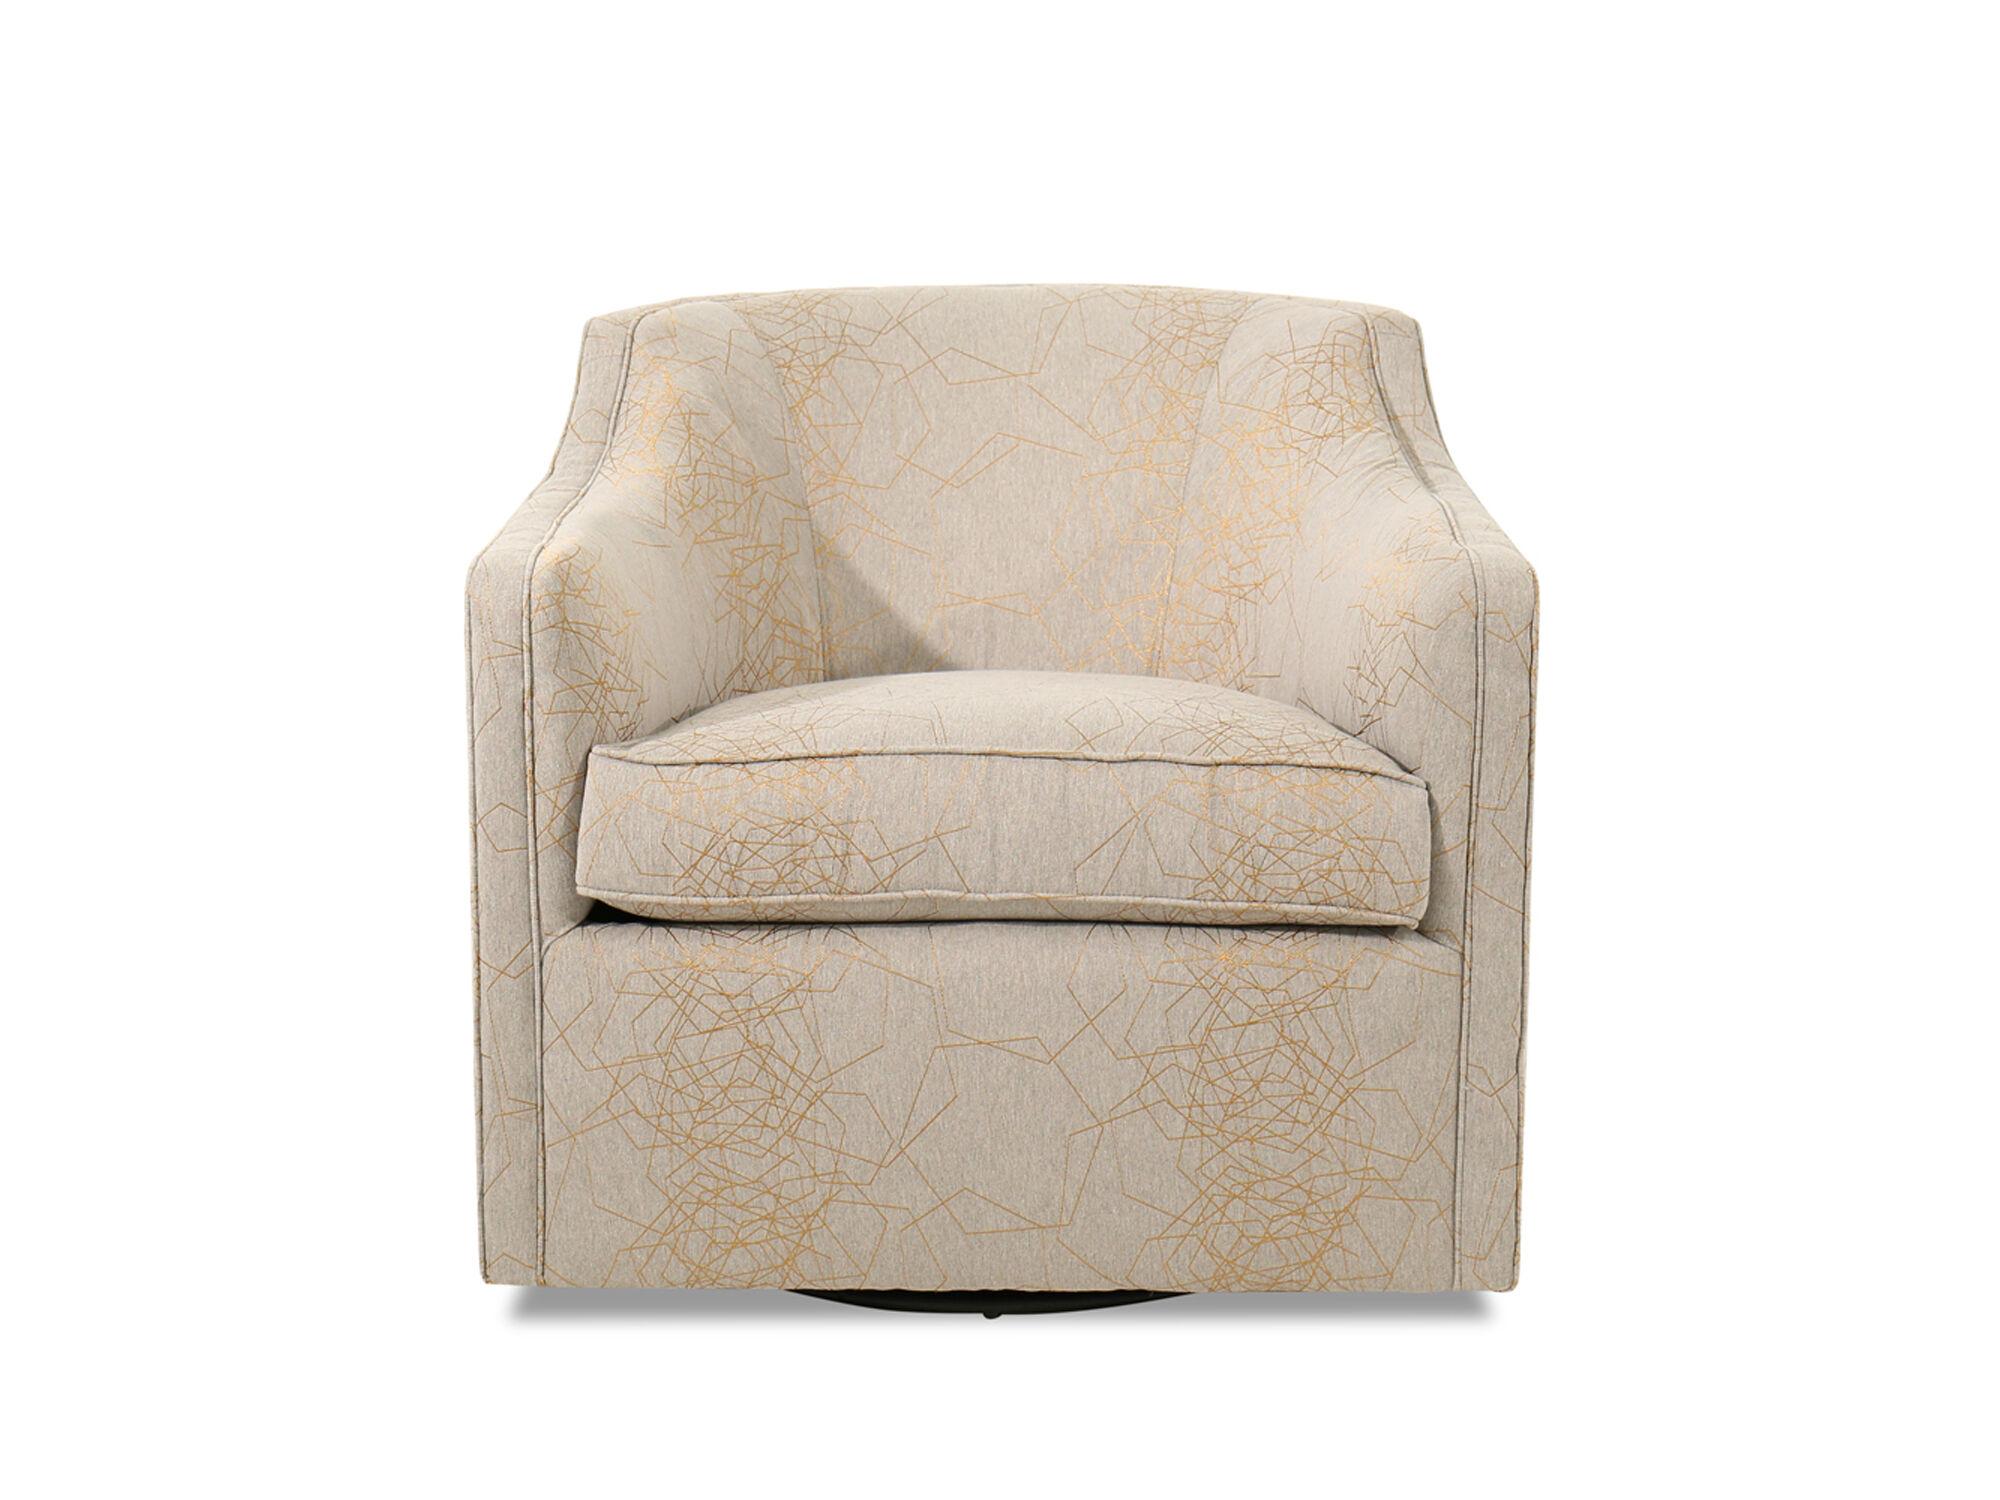 Images Barrel Back Contemporary 34u0026quot; Swivel Chair In Beige Barrel Back  Contemporary 34u0026quot; Swivel Chair In Beige